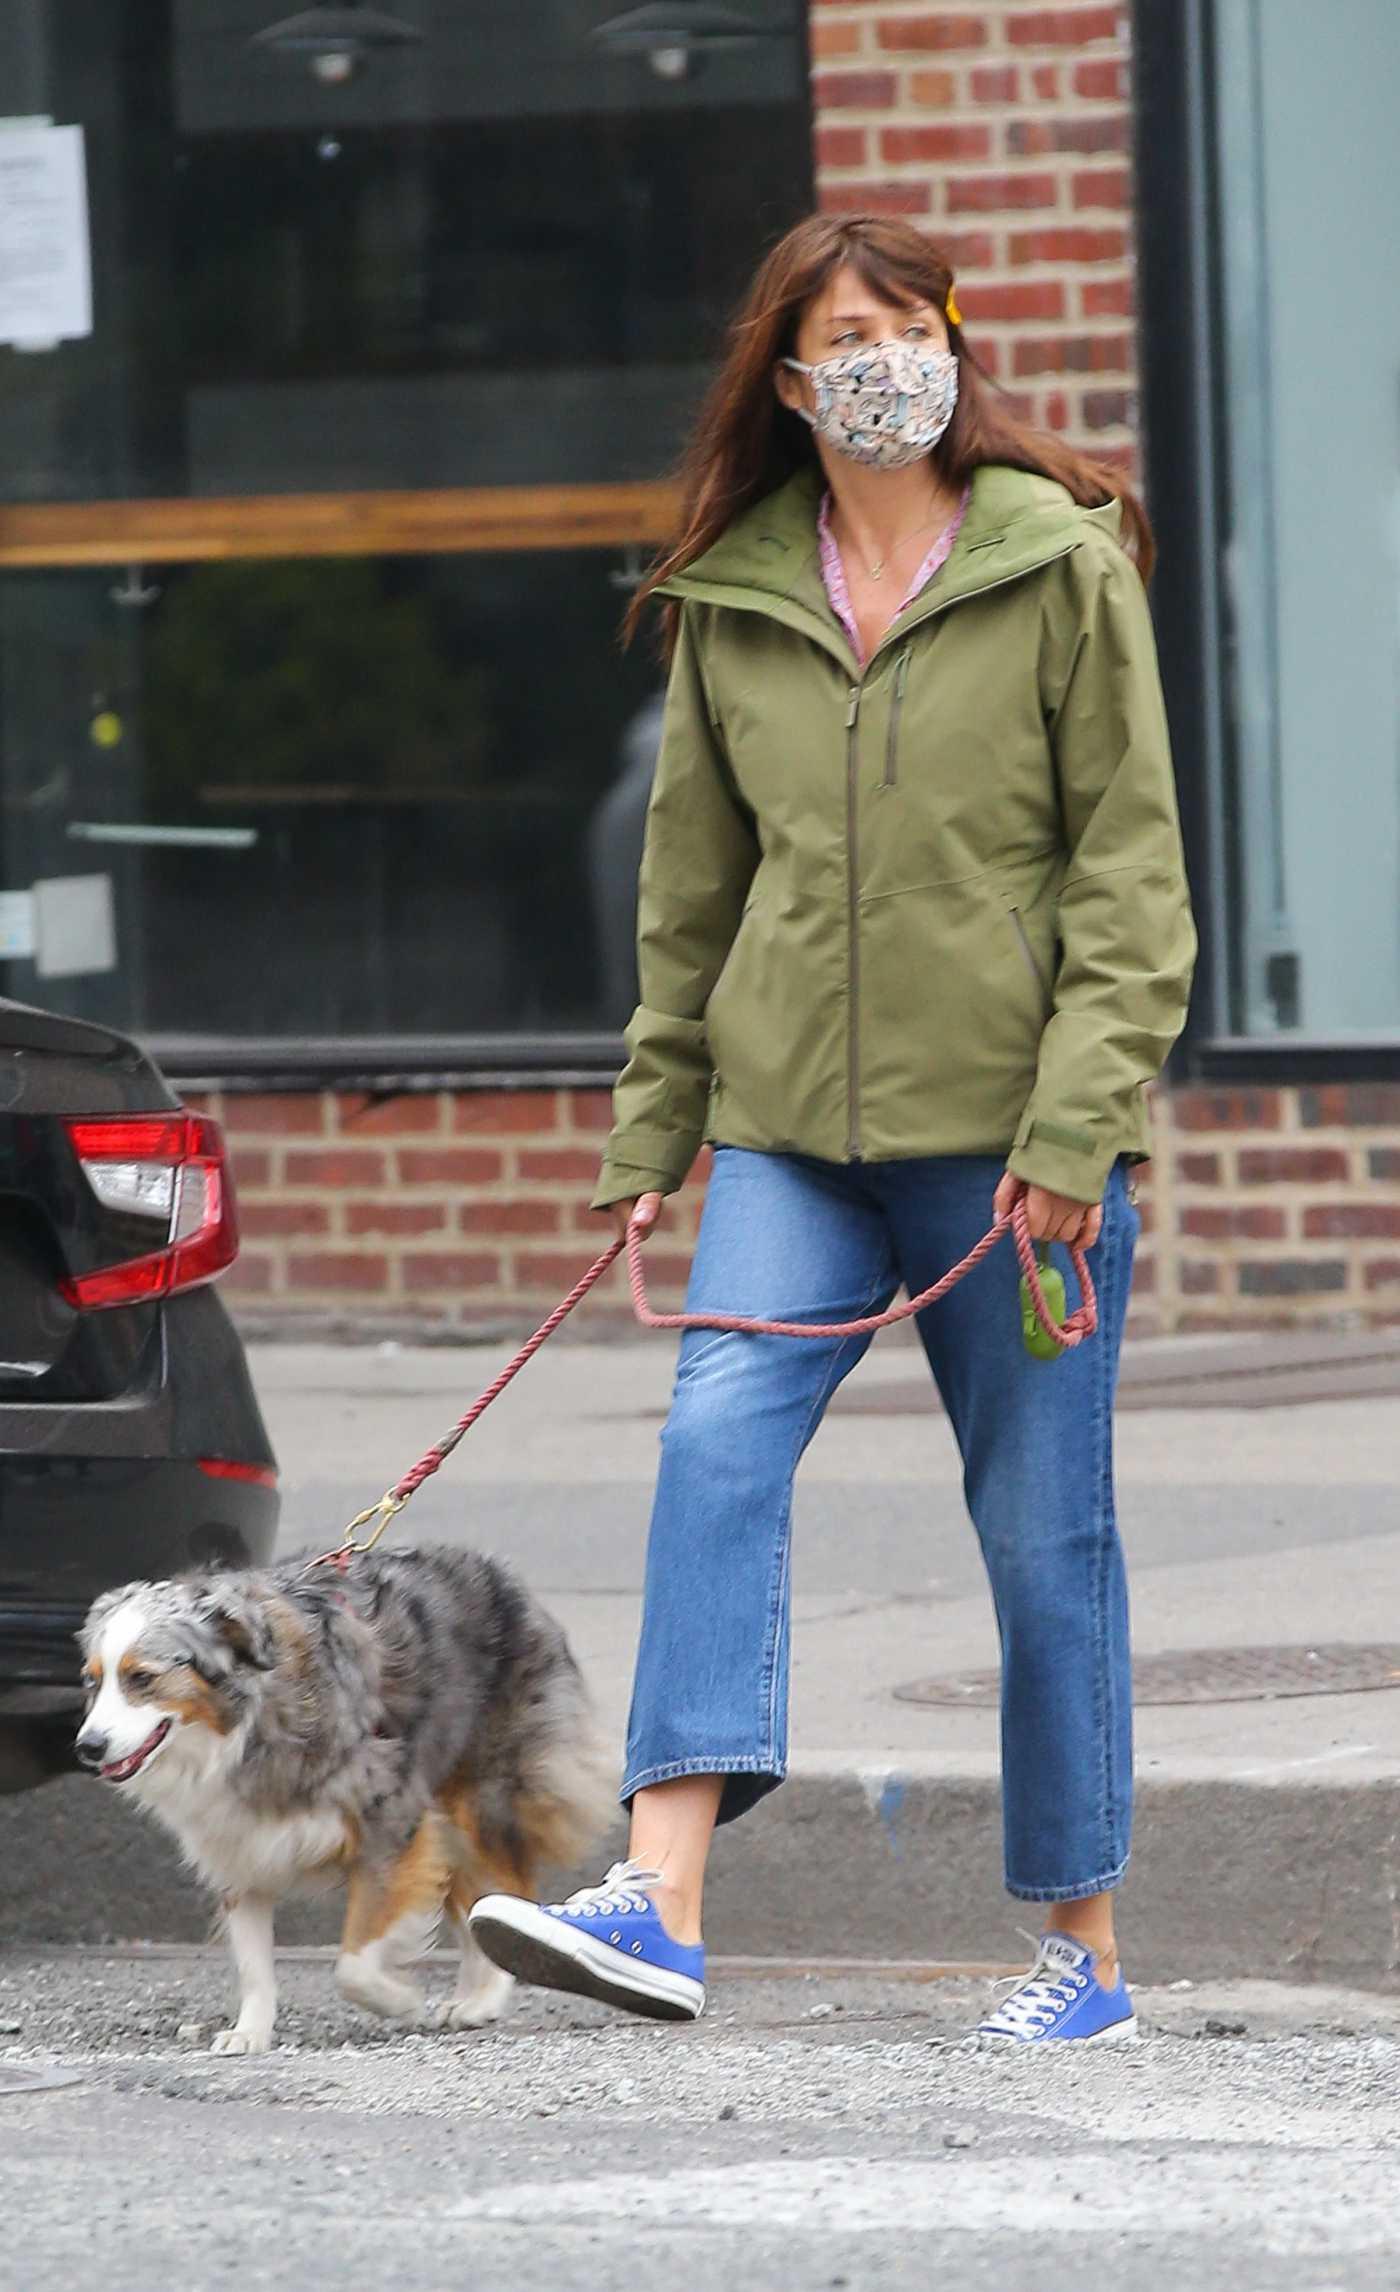 Helena Christensen in an Olive Jacket Walks Her Dog in the West Village 04/09/2021